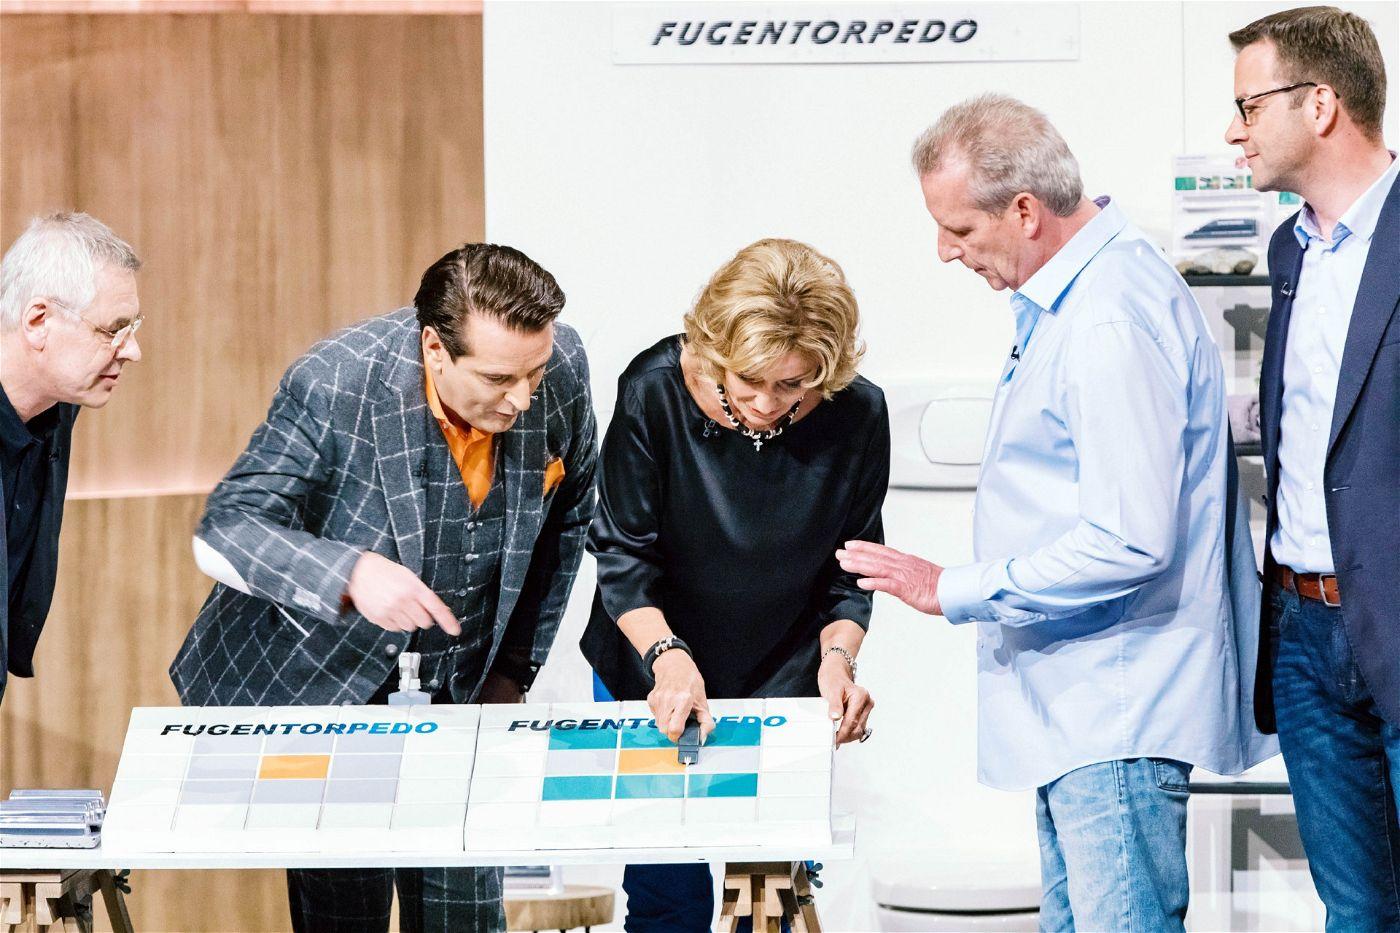 """<p><b>Die Gründer und ihr Produkt</b>: Bernd Müller (56), Matthias Herrnbröck (57) und Frank Eckert (41) haben den """"Fugentorpedo"""" entwickelt, der mit einer Kombination aus Diamantschliff und einer Bürstentechnik dem Schmutz an den Kragen geht.<p><b>Der Wunsch</b>: 100.000 Euro für einen Firmenanteil von 15 Prozent.</p> <p><b>Der Deal</b>: Ralf Dümmel bekommt für 100.000 Euro einen Firmenanteil von 20 Prozent.</p>"""